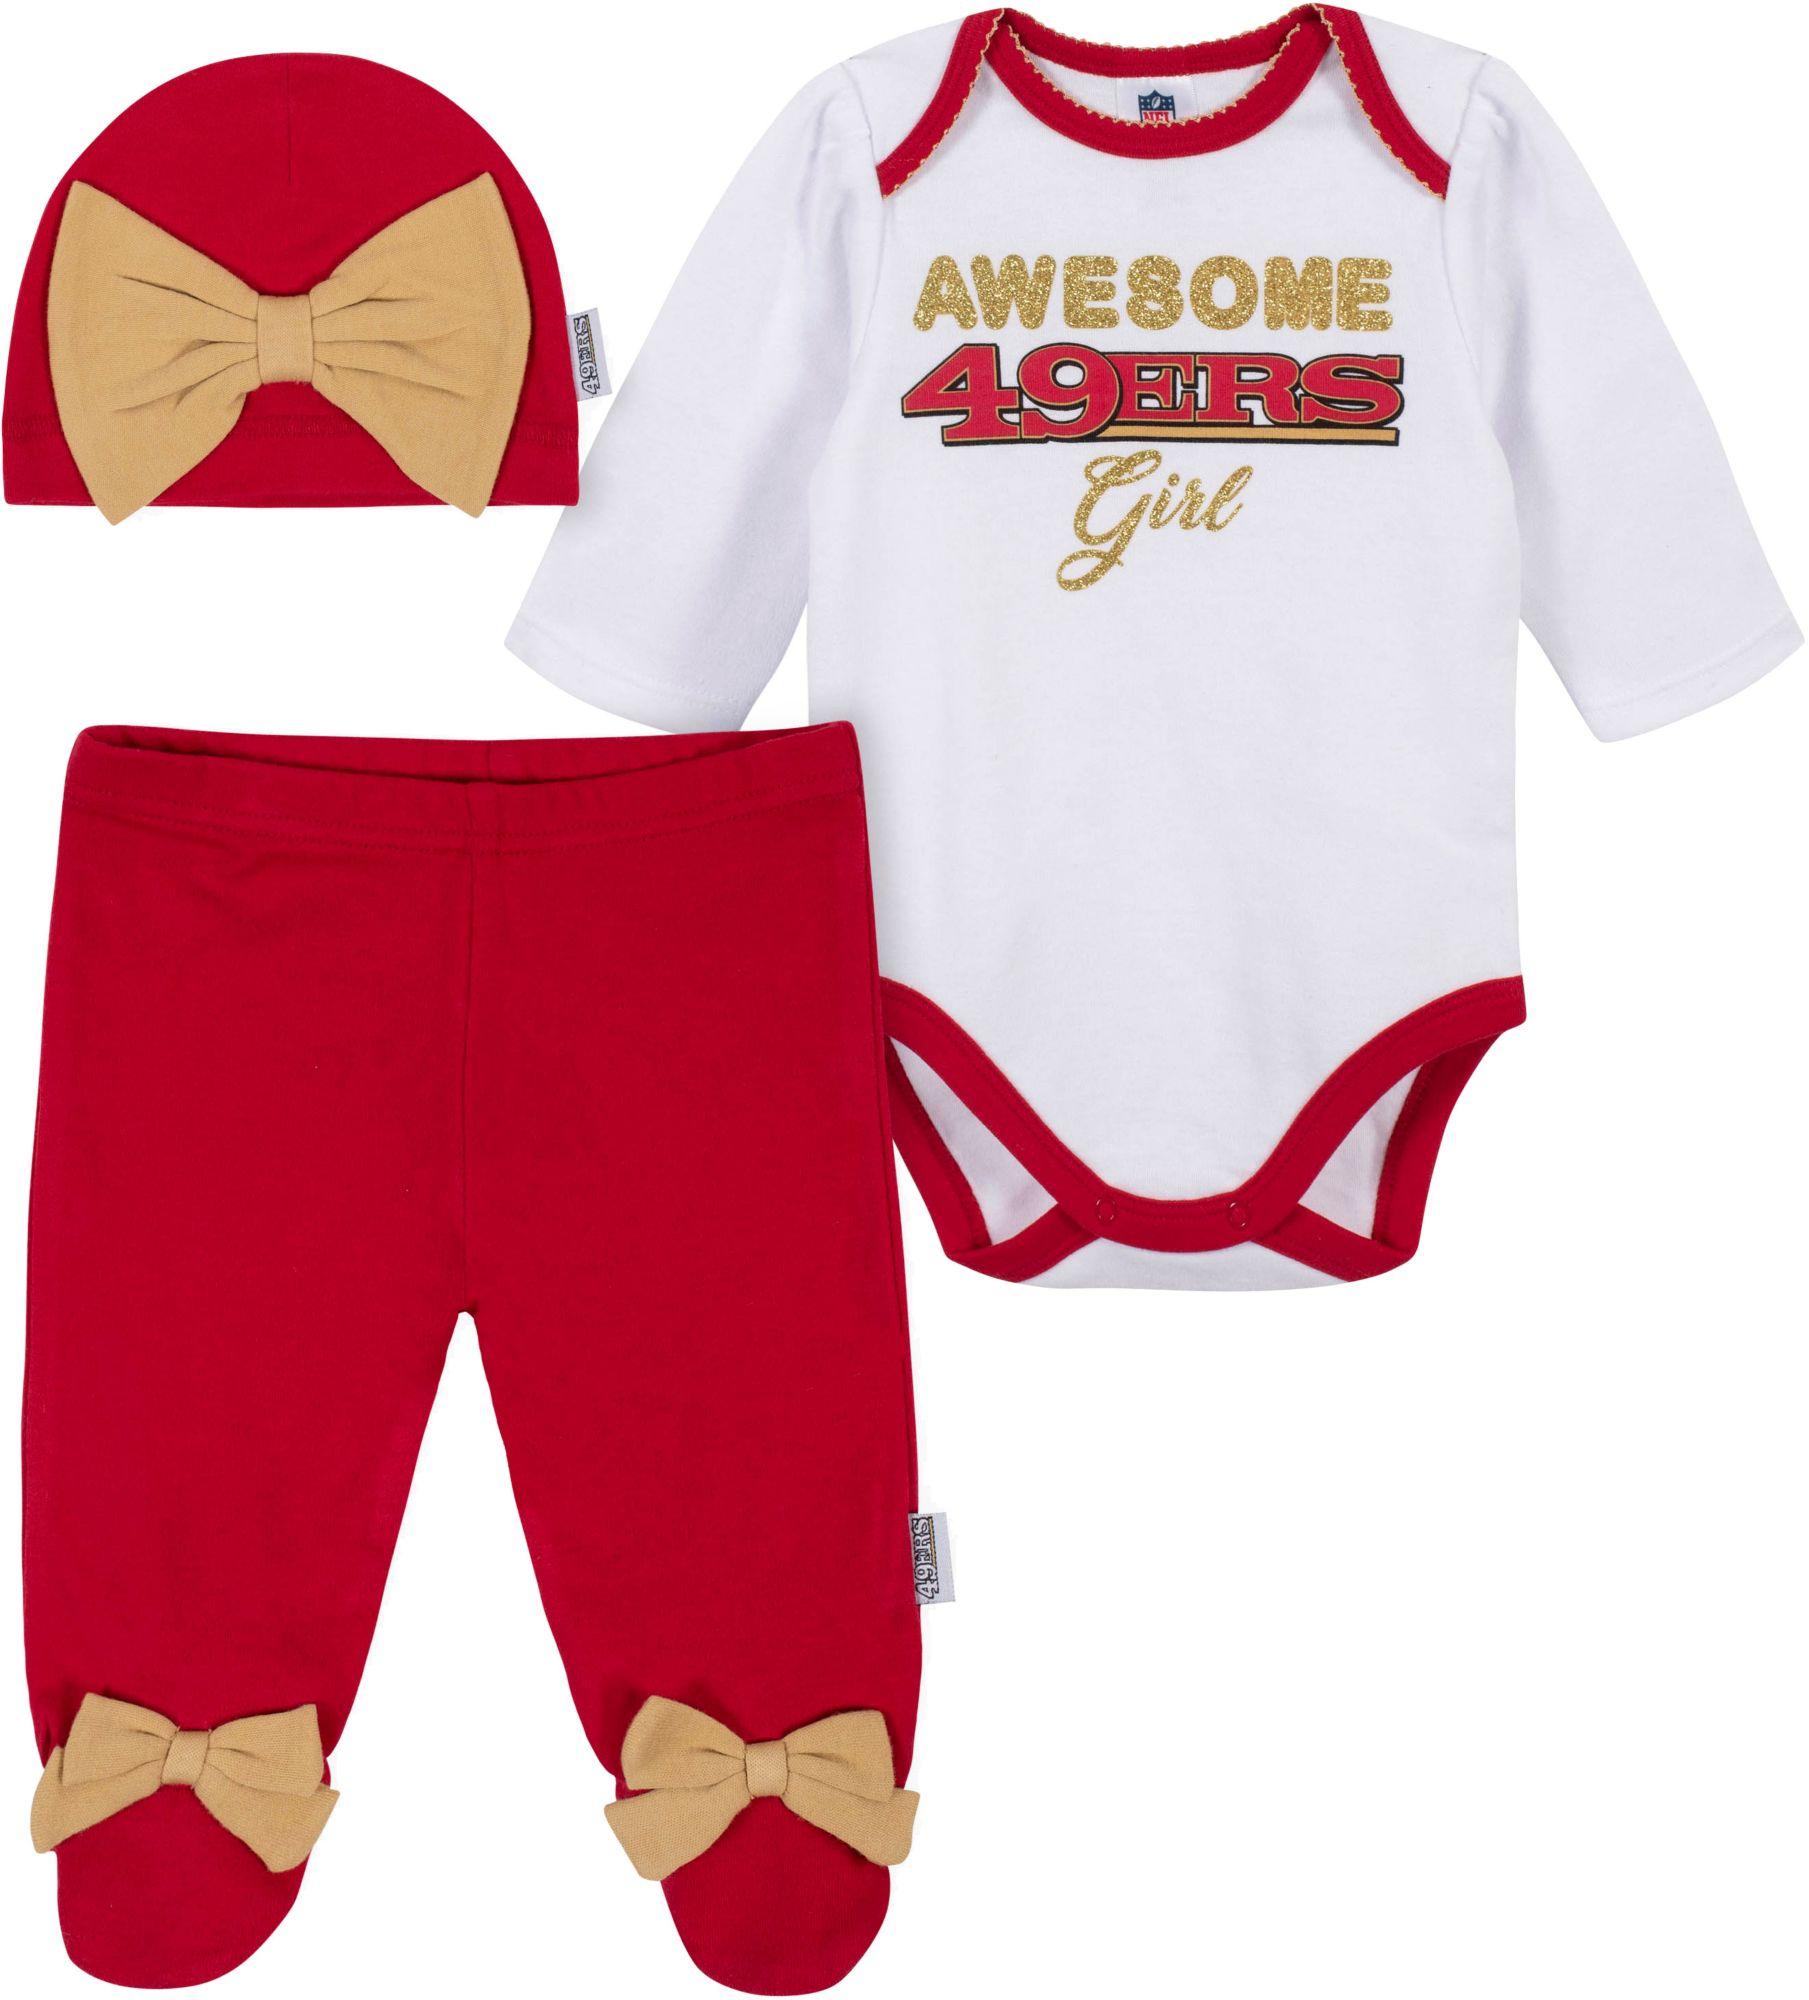 49ers onesie jersey